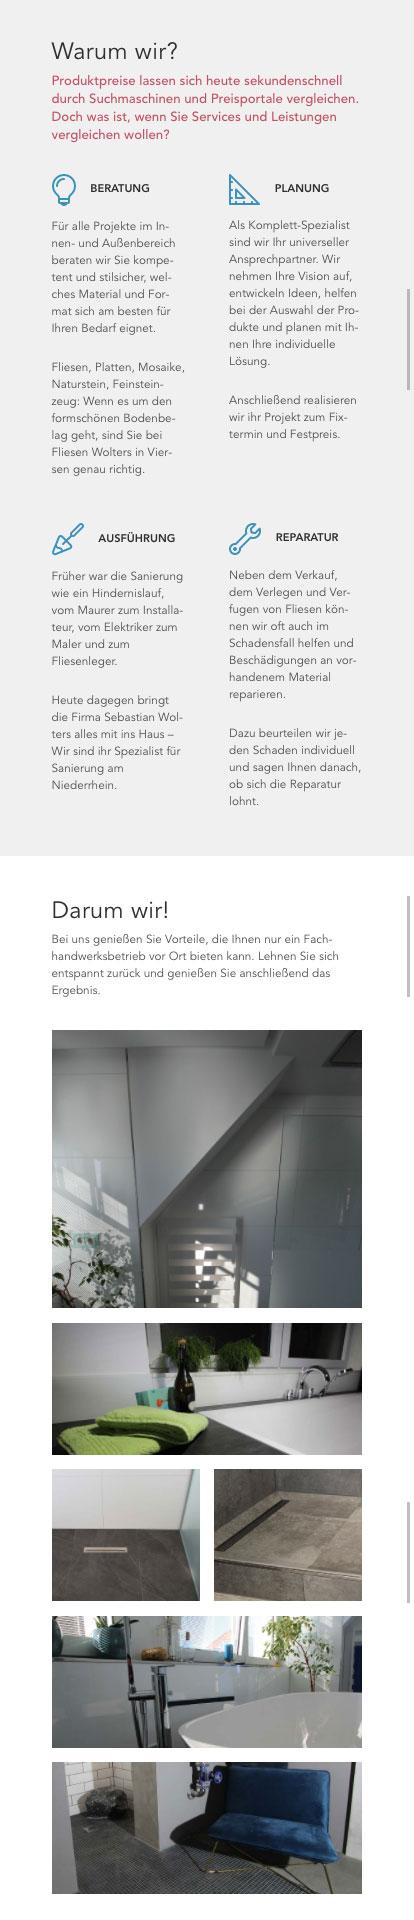 Responsive Screen des Portfolio-Bereichs der Website des Fliesenfachbetriebs